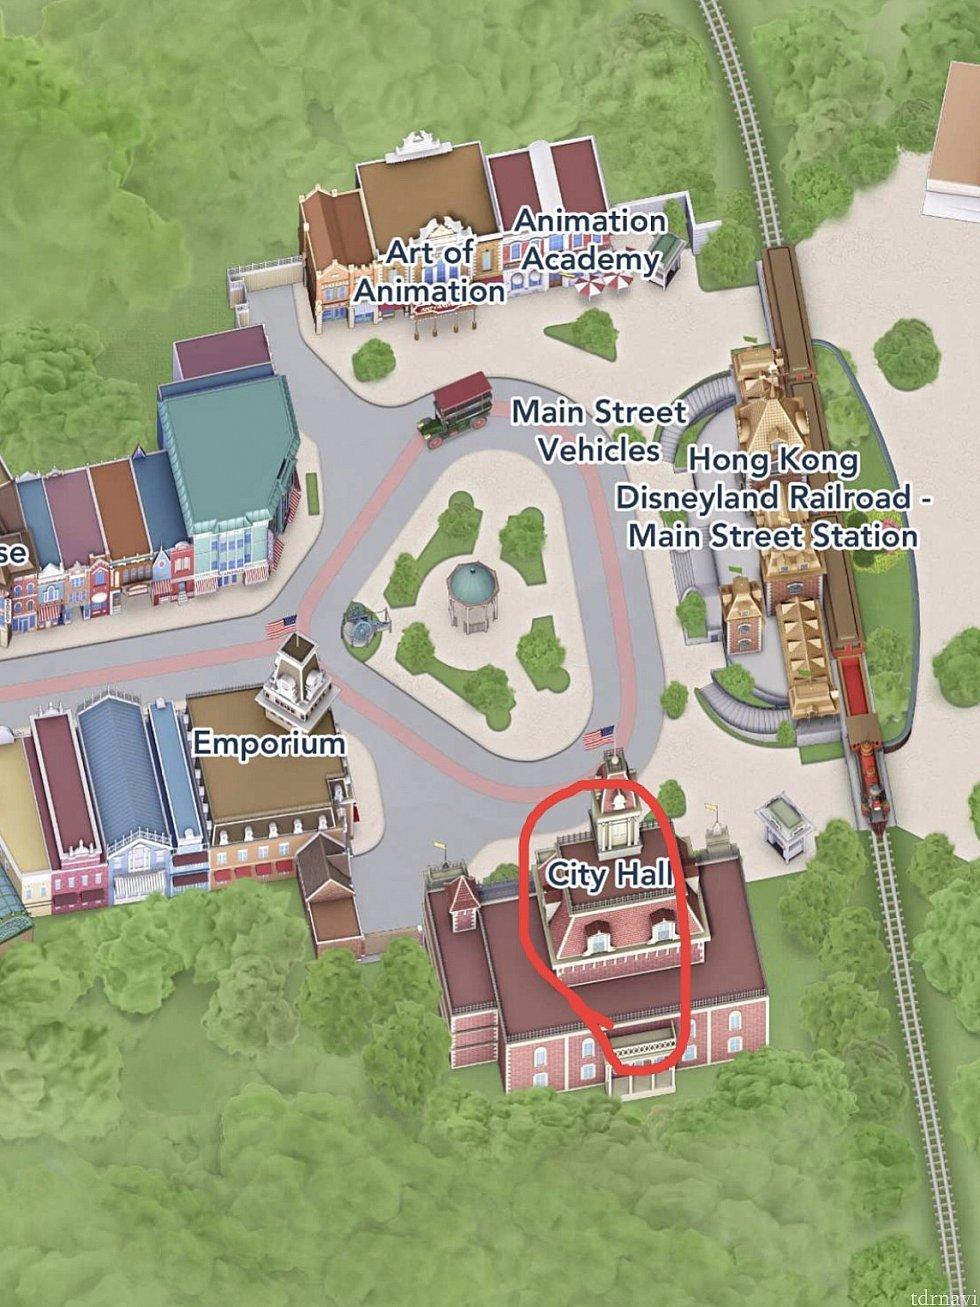 パークに入ってすぐの左側にシティホールがあります♪ 赤丸がシティホールです。